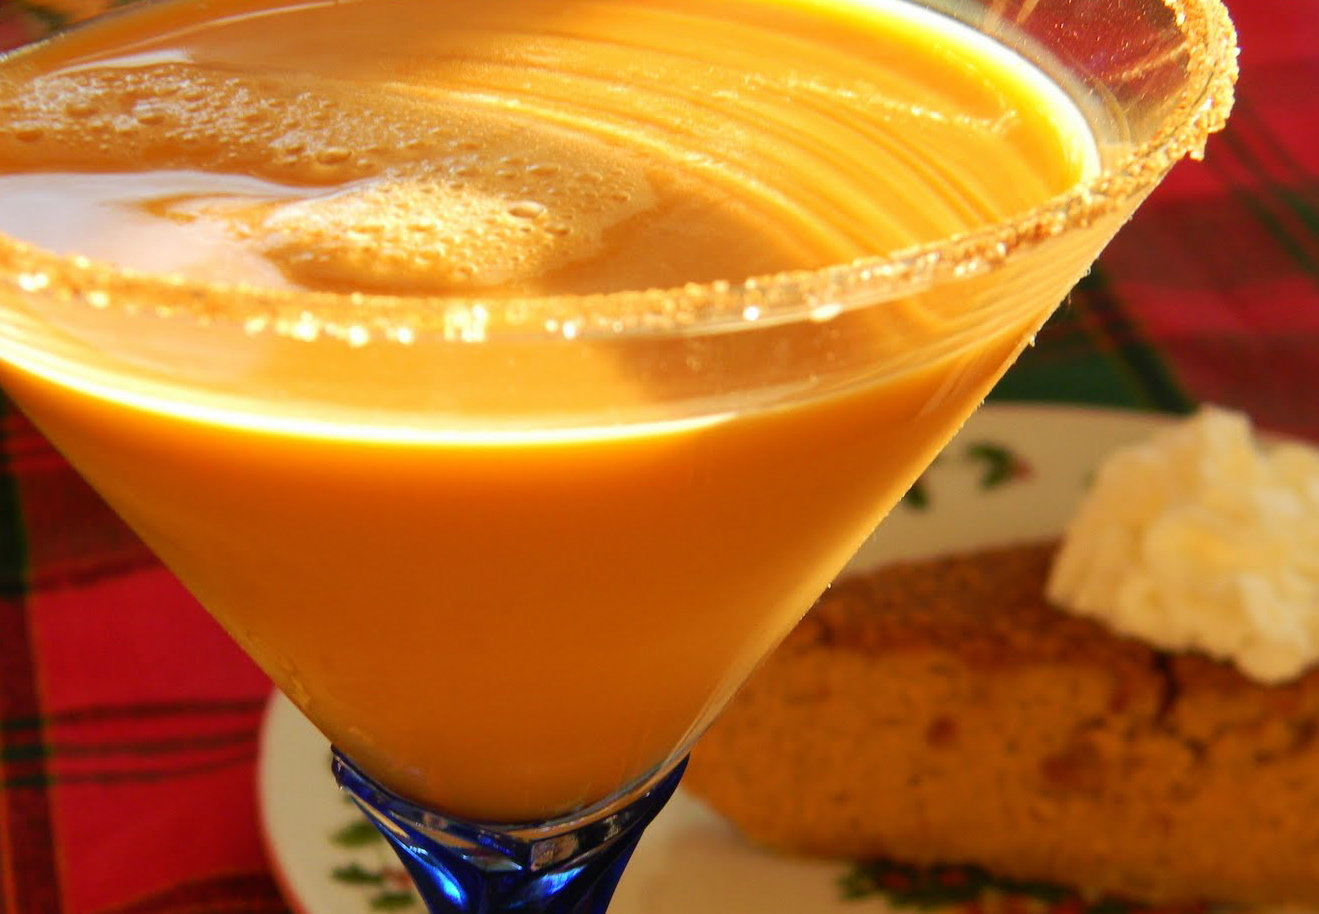 Thanksgiving Cocktails: Pumpkin Pie Martini